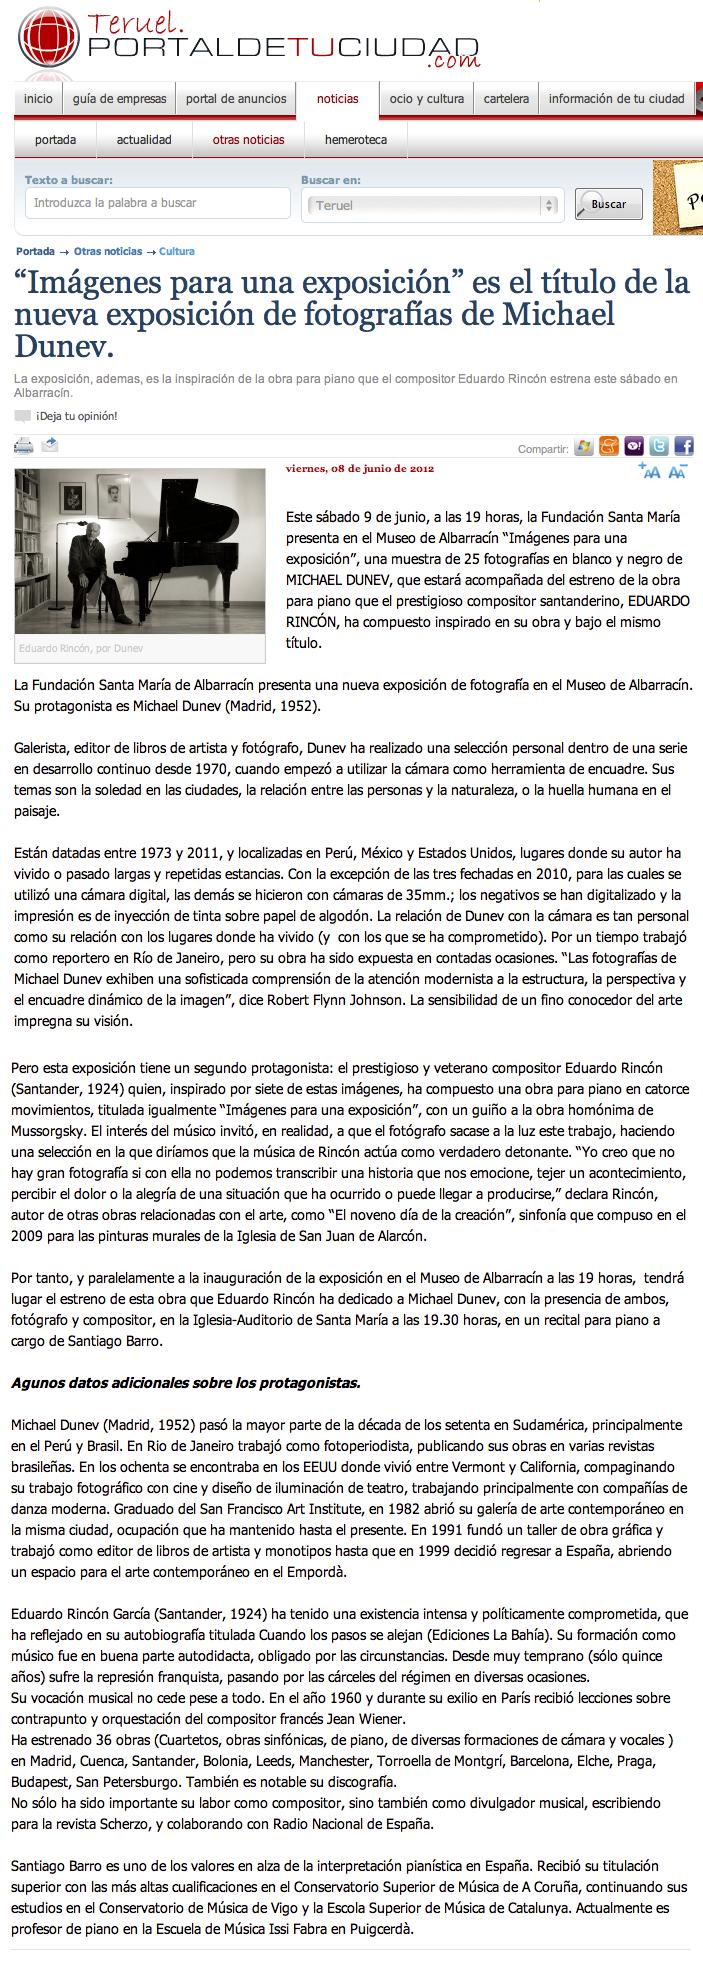 Imágenes para una exposición: prensa en Teruel